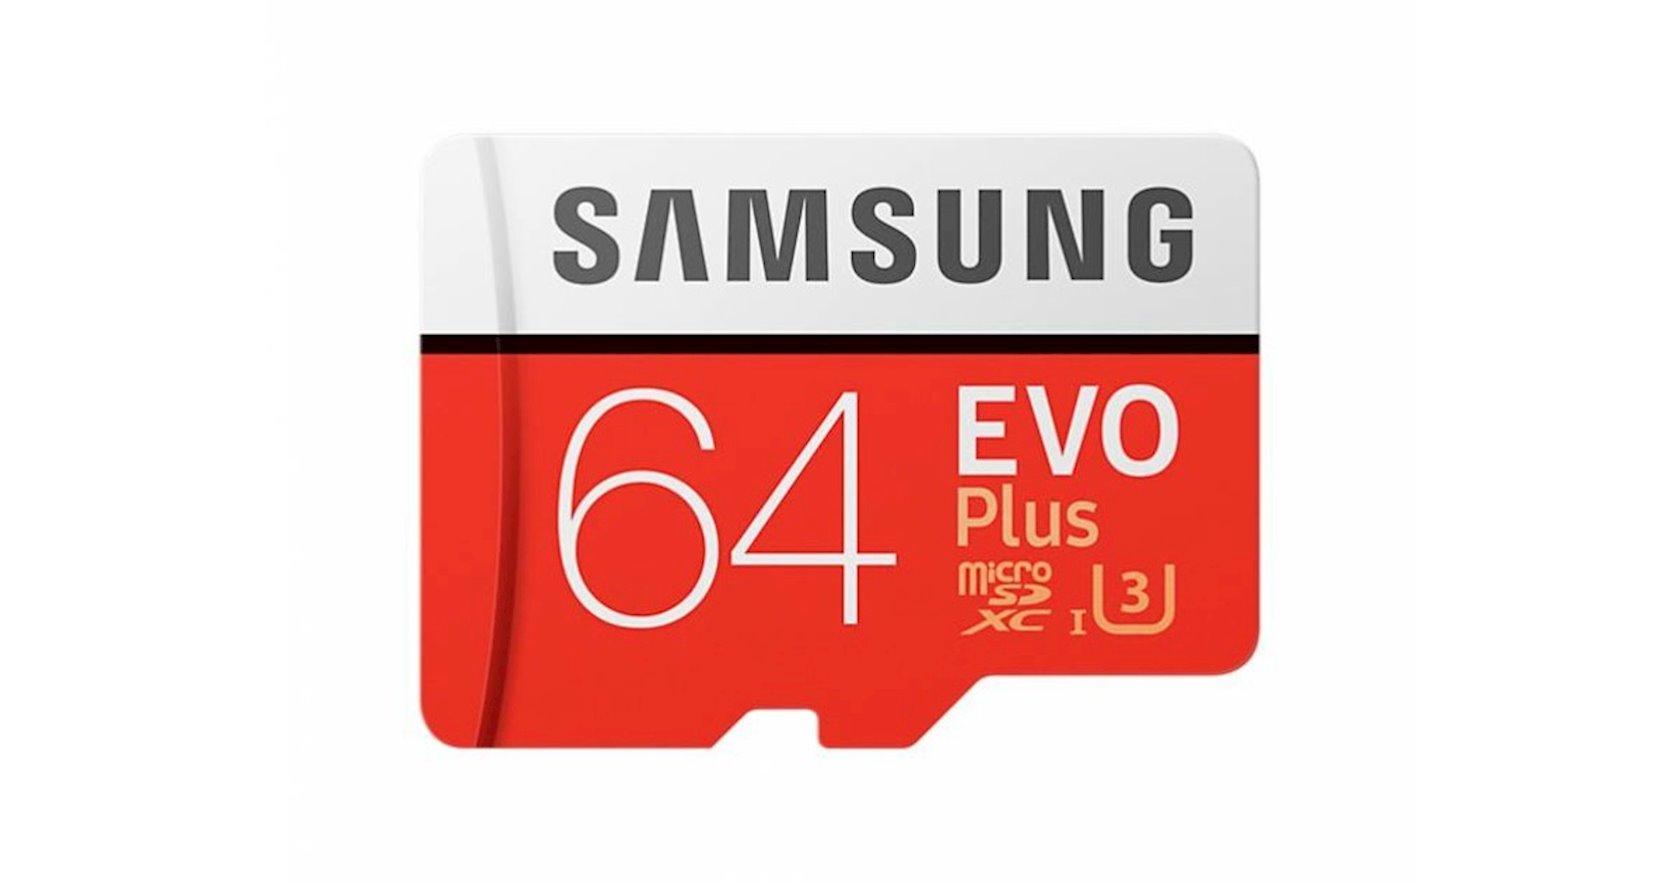 Yaddaş Kartı Samsung EVO Plus microSD Card 2020, 64 GB